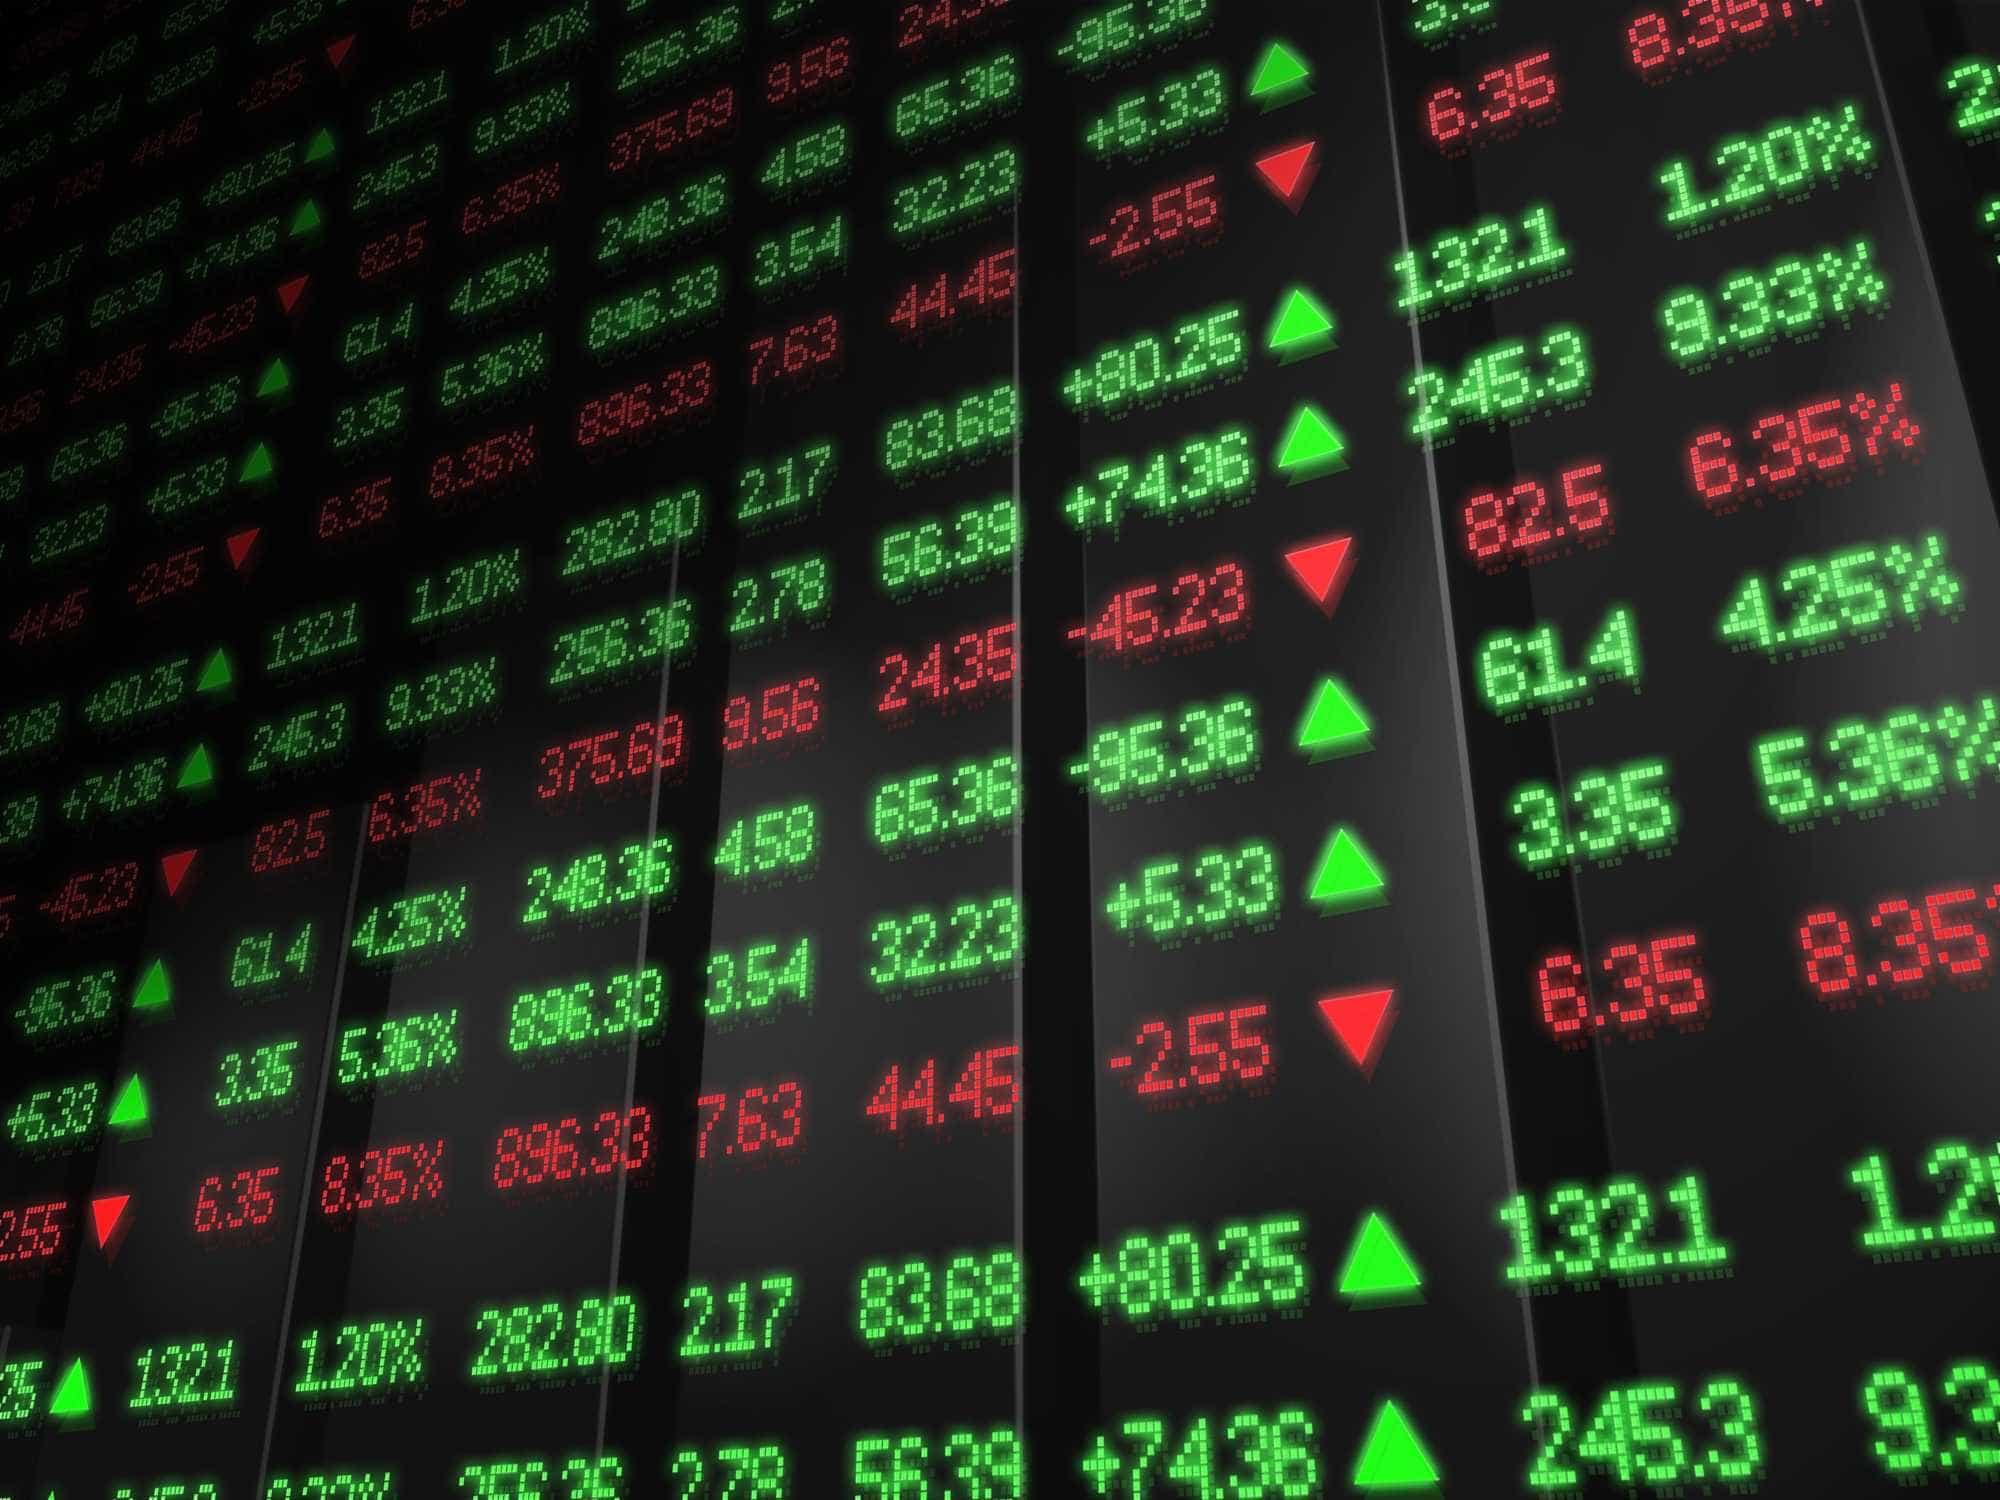 Sonae Capital dispara 6% após anunciar possível entrada no México